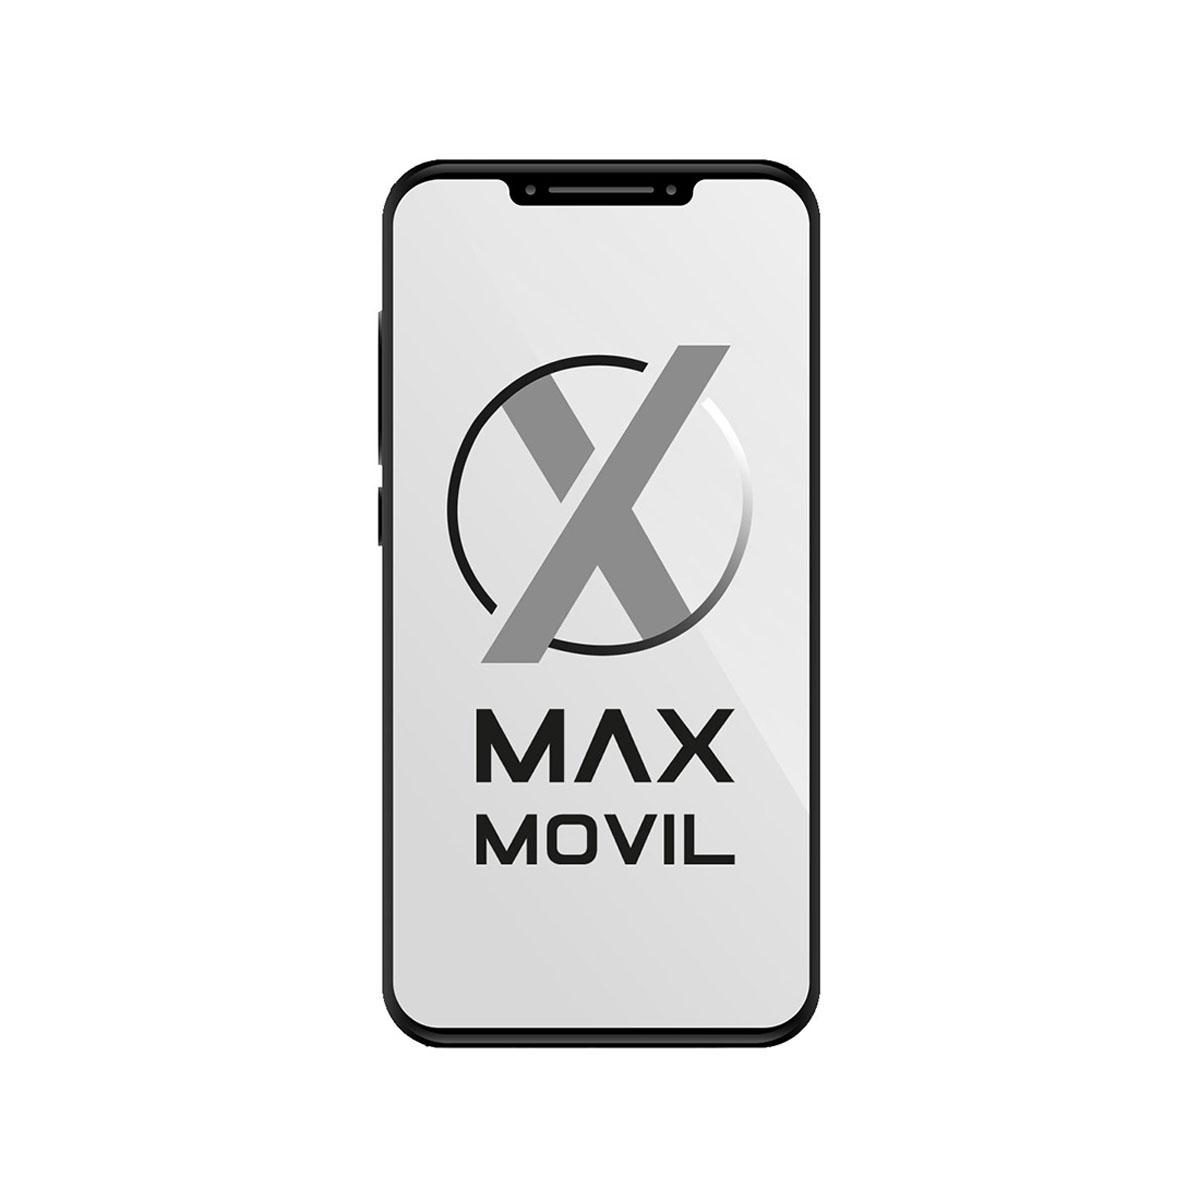 Telefono movil Iphone 6 16gb space grey CPO ECO-RECICLADO GRADO A